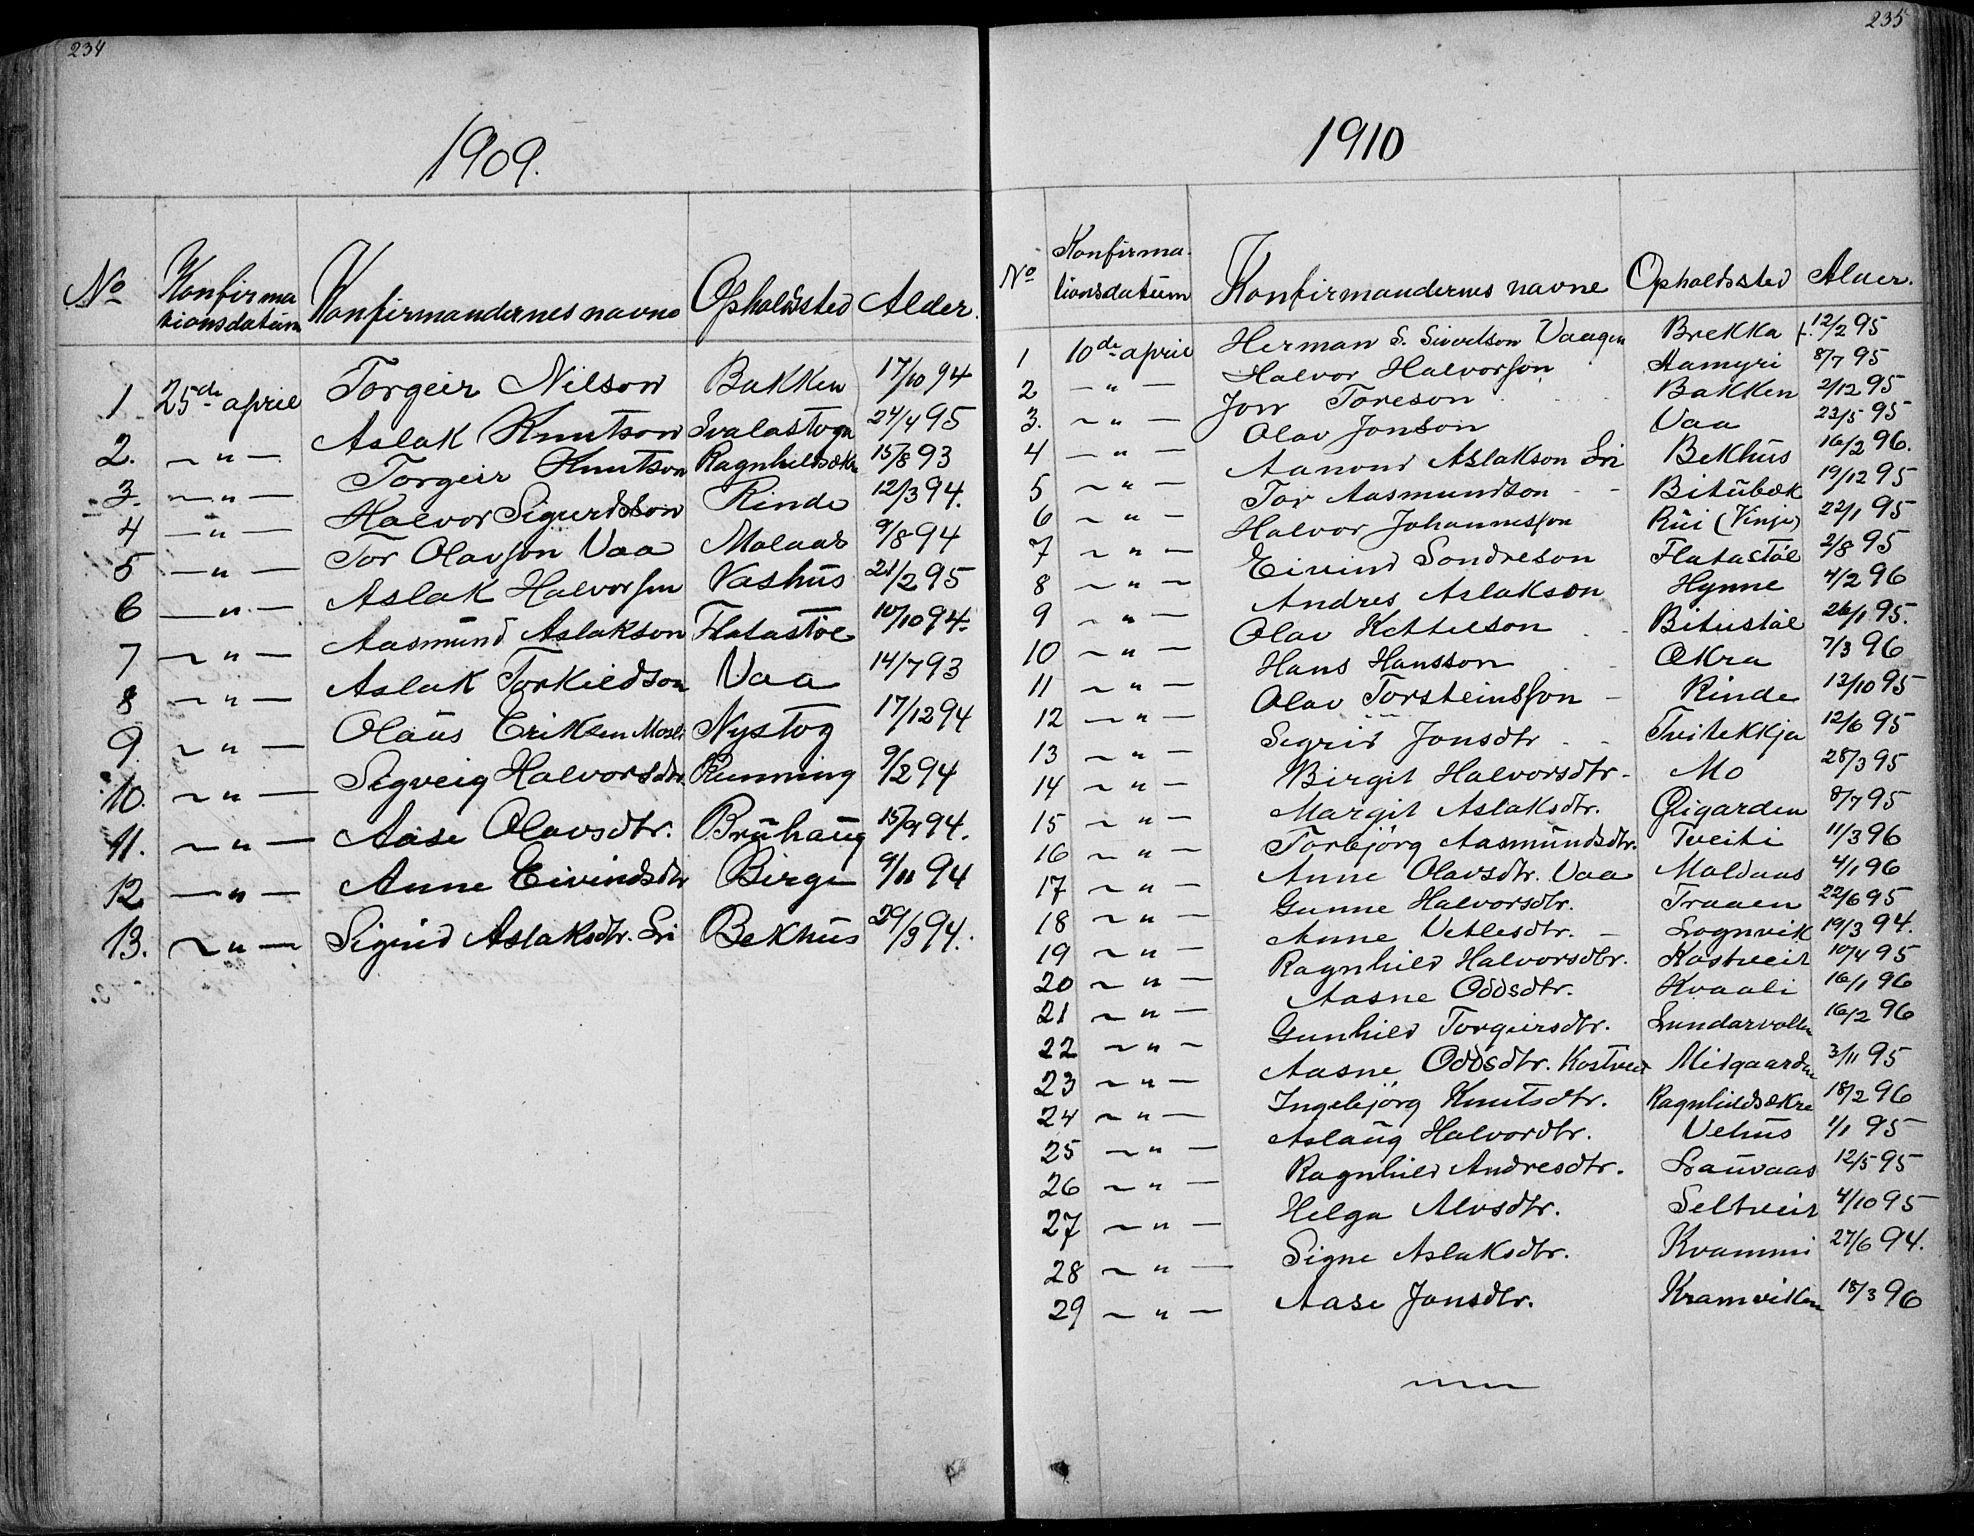 SAKO, Rauland kirkebøker, G/Ga/L0002: Klokkerbok nr. I 2, 1849-1935, s. 234-235